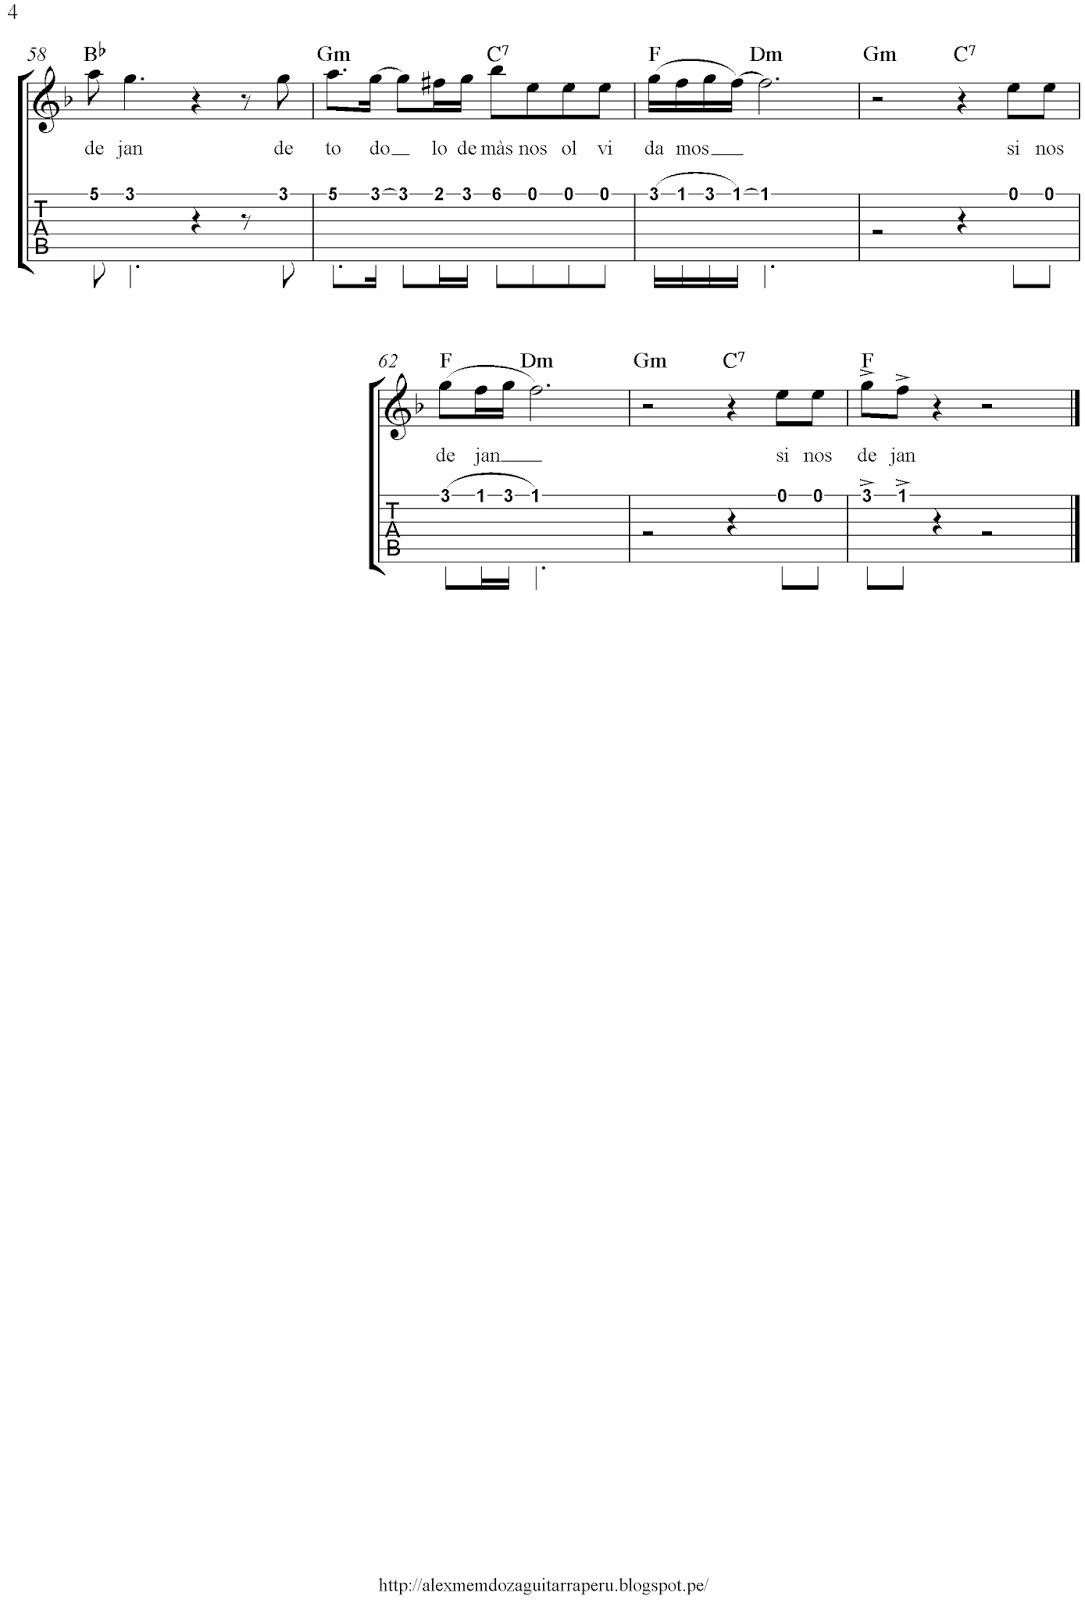 Alex Mendoza Amen Partituras Letras Tab Acordes Para Guitarra